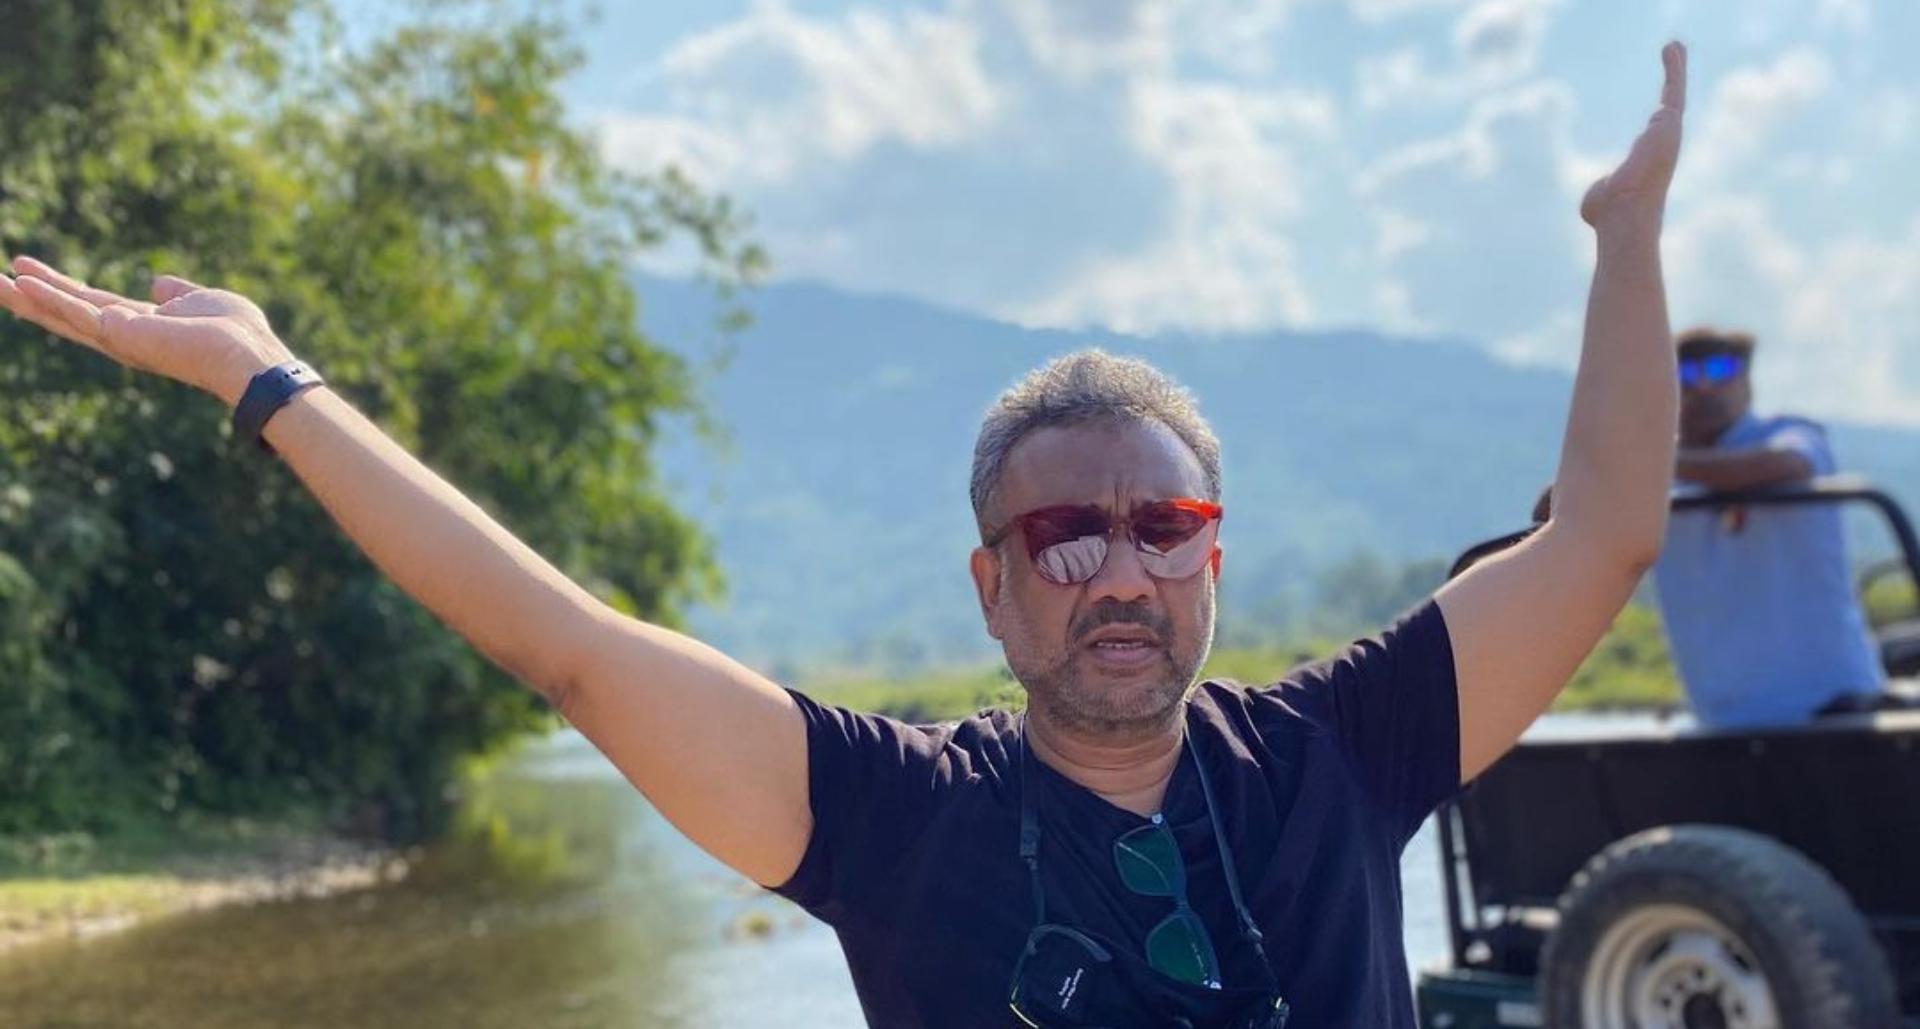 अनुभव सिन्हा की अगली फिल्म का सार है 'जंगल', जानिये पूरी डिटेल!